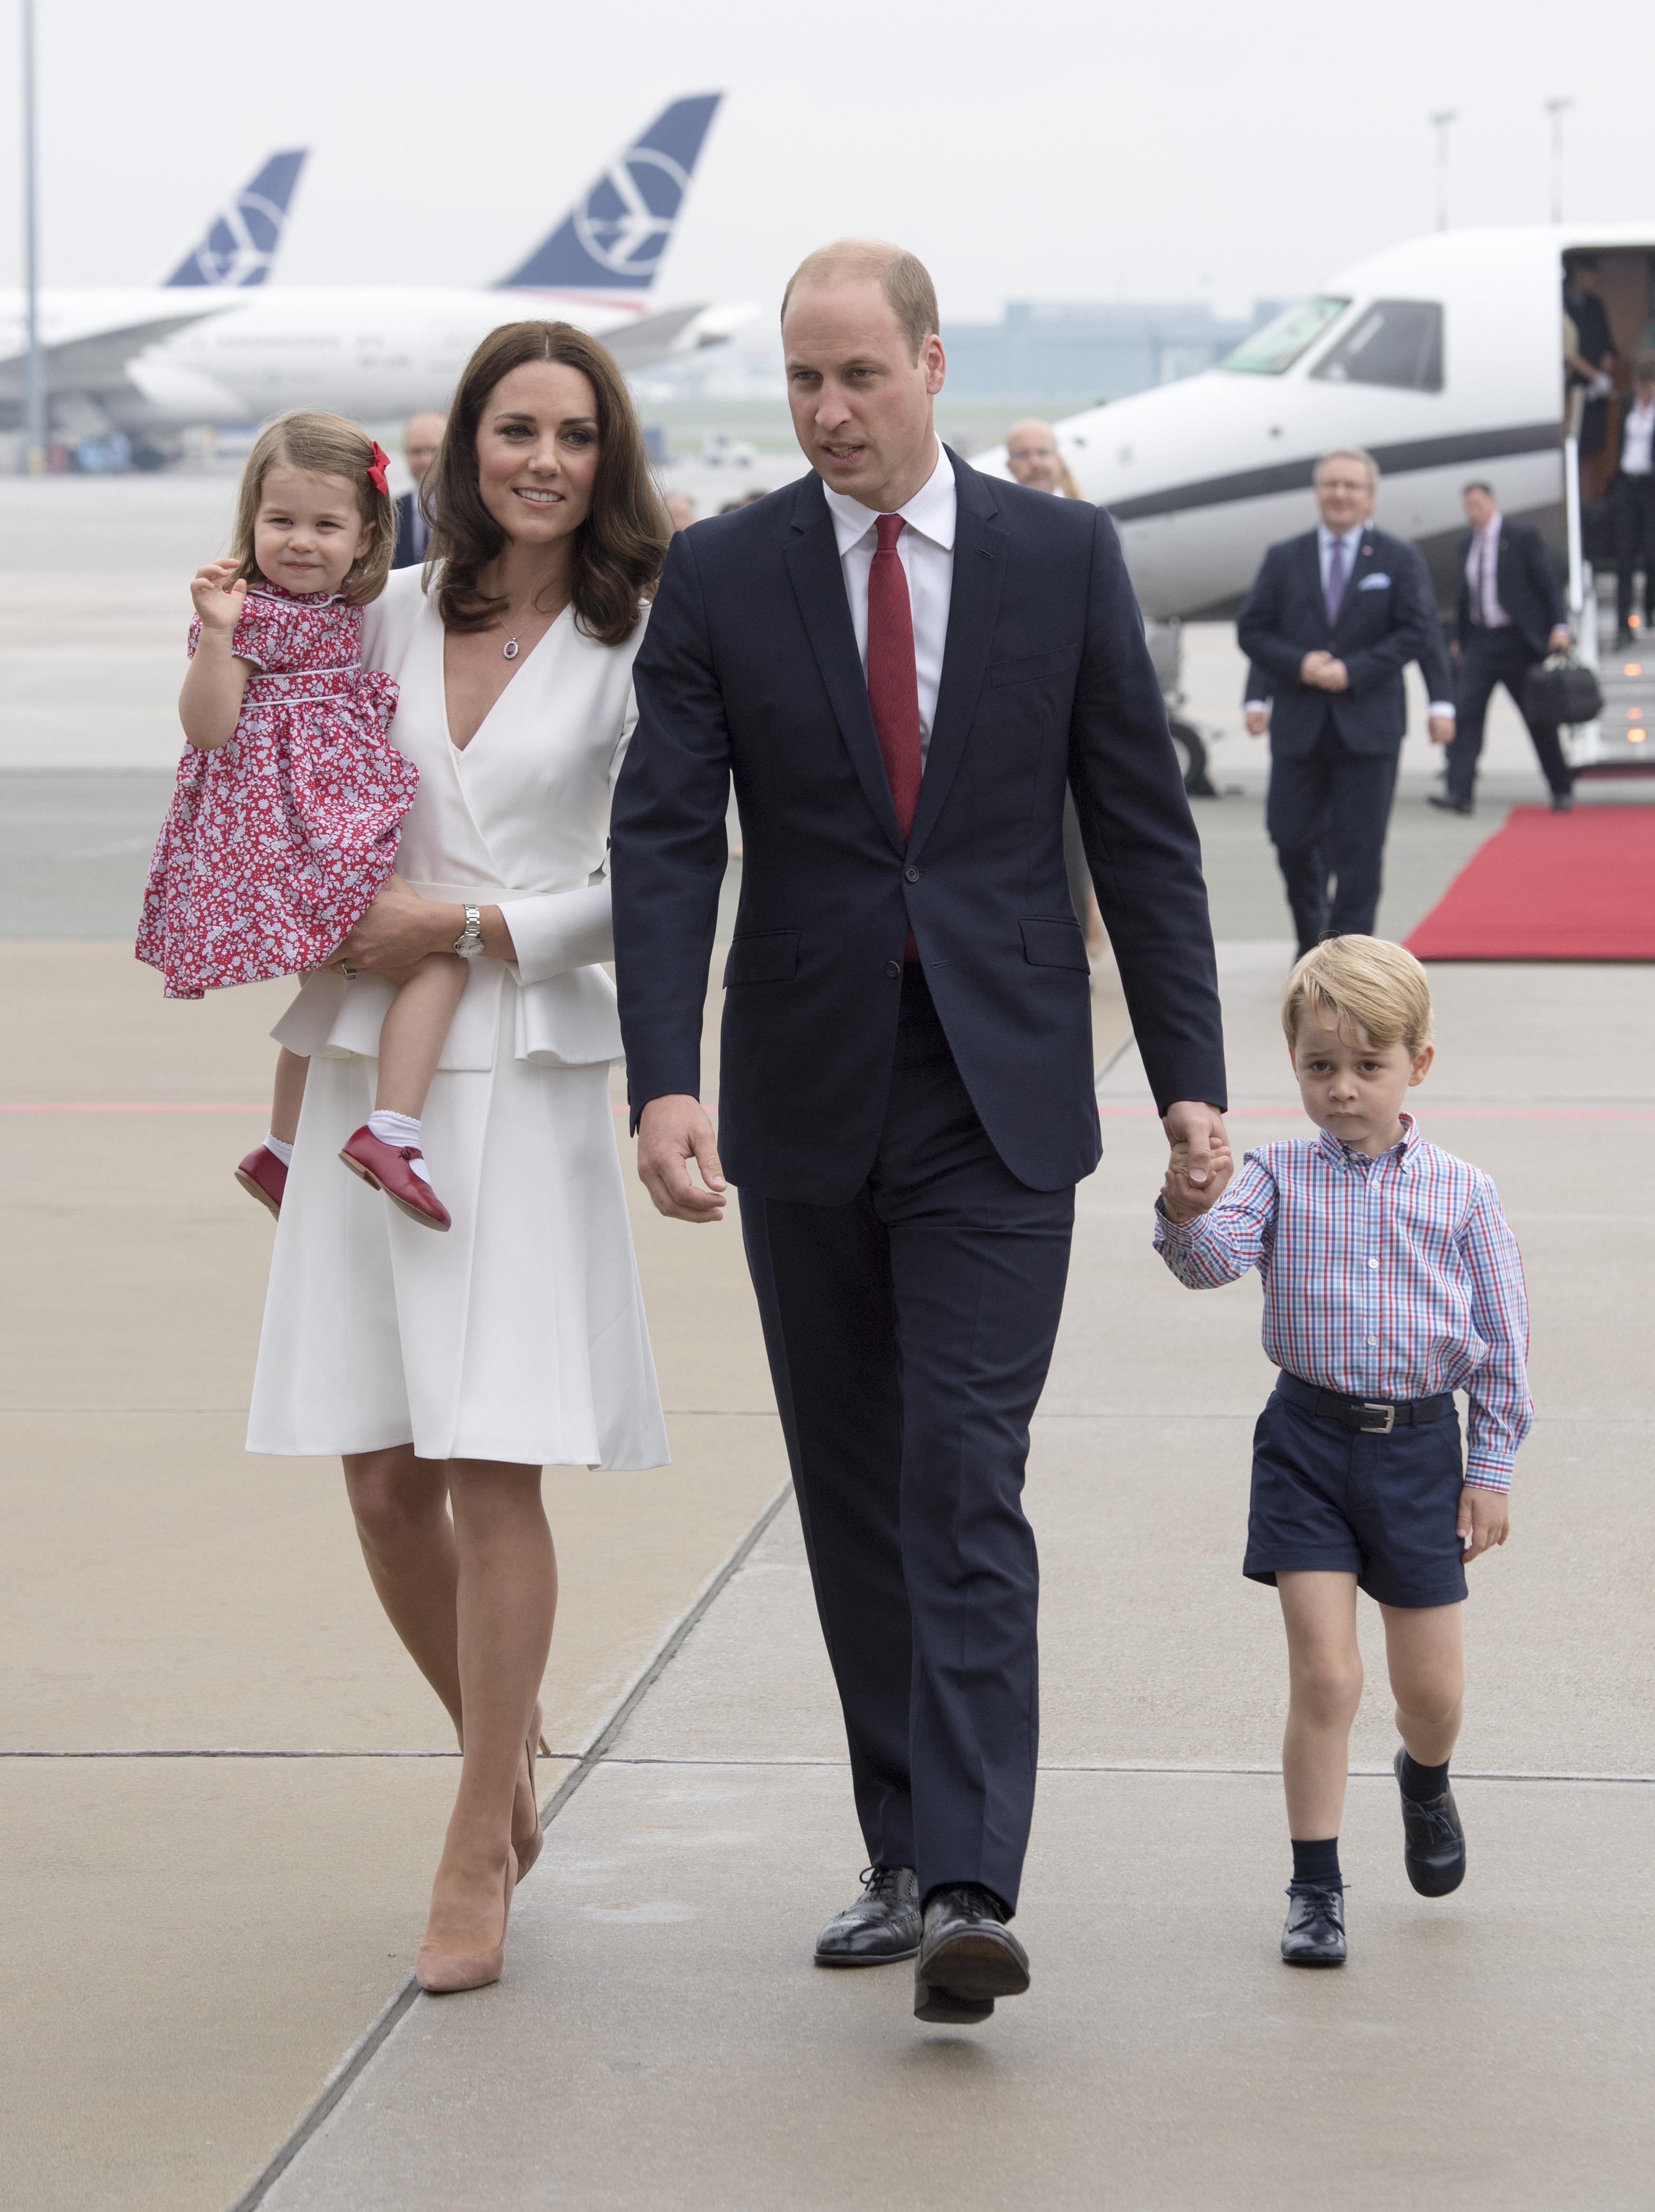 Príncipe William, Kate Middleton, Príncipe George y princesa Charlotte Príncipe William, Kate Middleton, Príncipe George y princesa Charlotte, estilo, moda, realeza, kate middleton